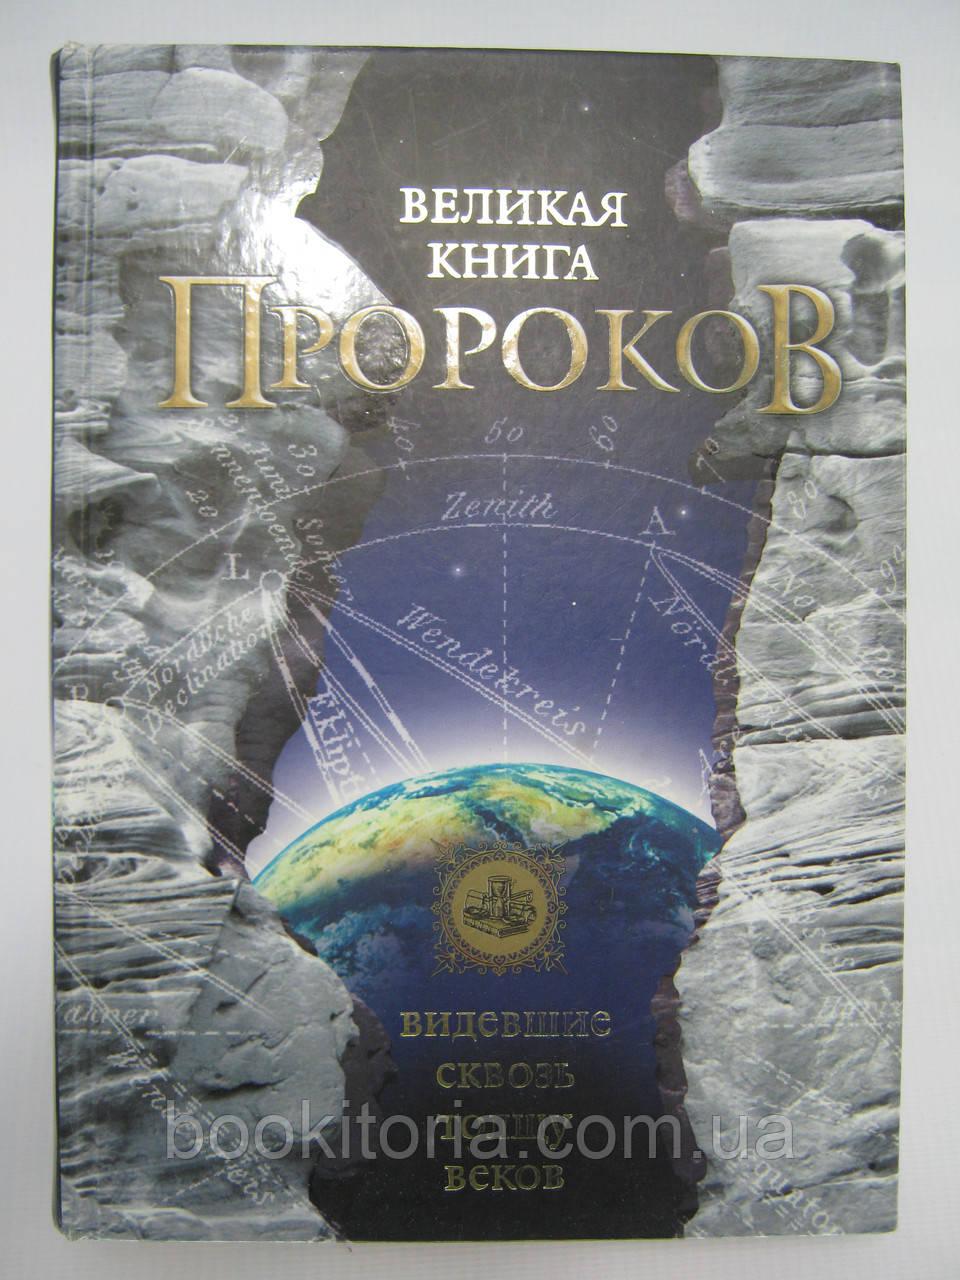 Непомнящий Н. Великая книга пророков. Видевшие сквозь время (б/у).